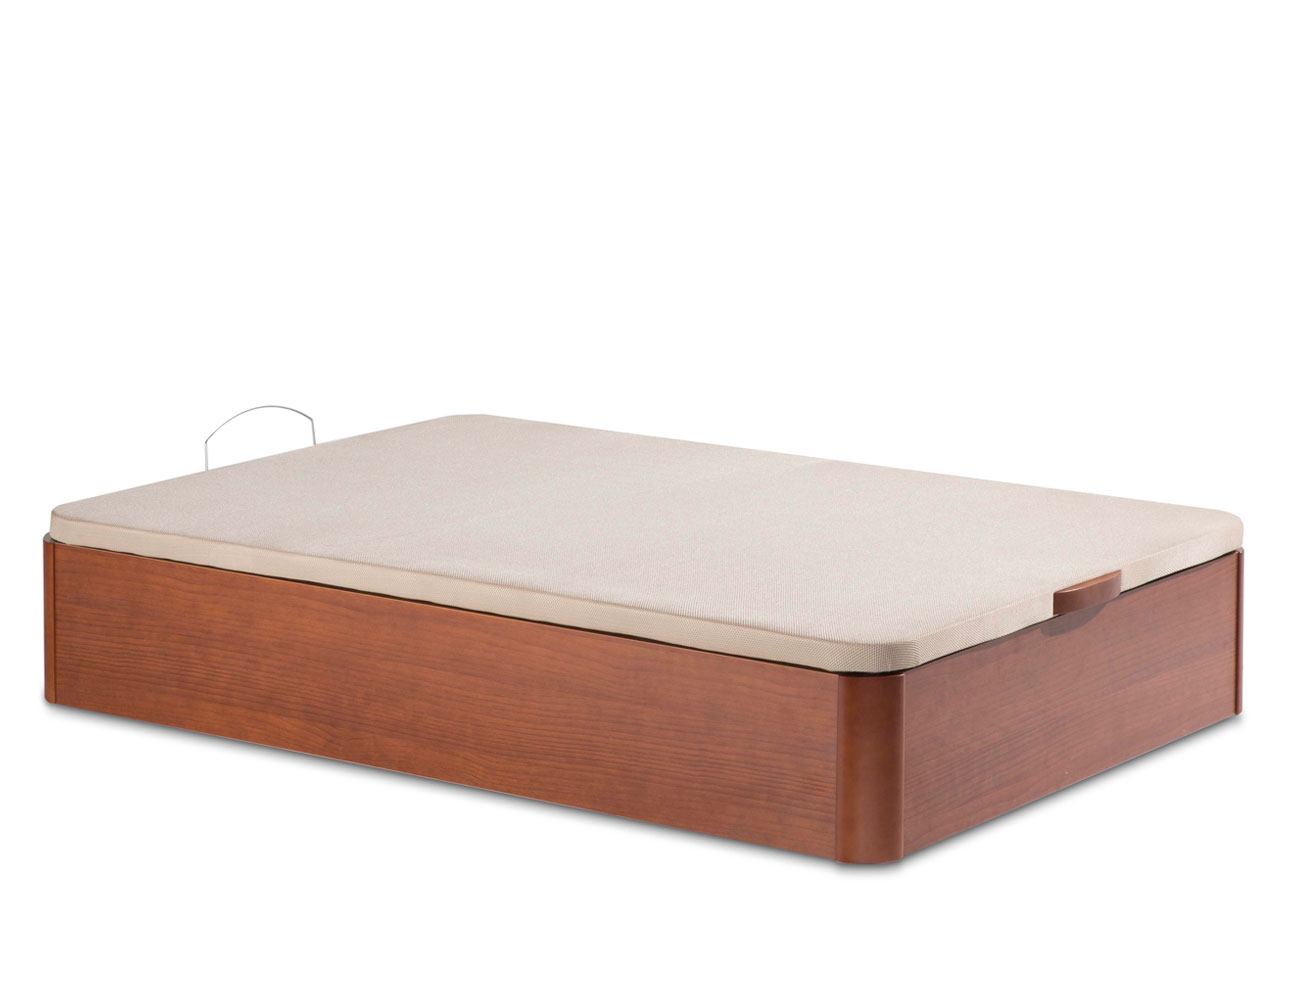 Canape madera base 3d 73